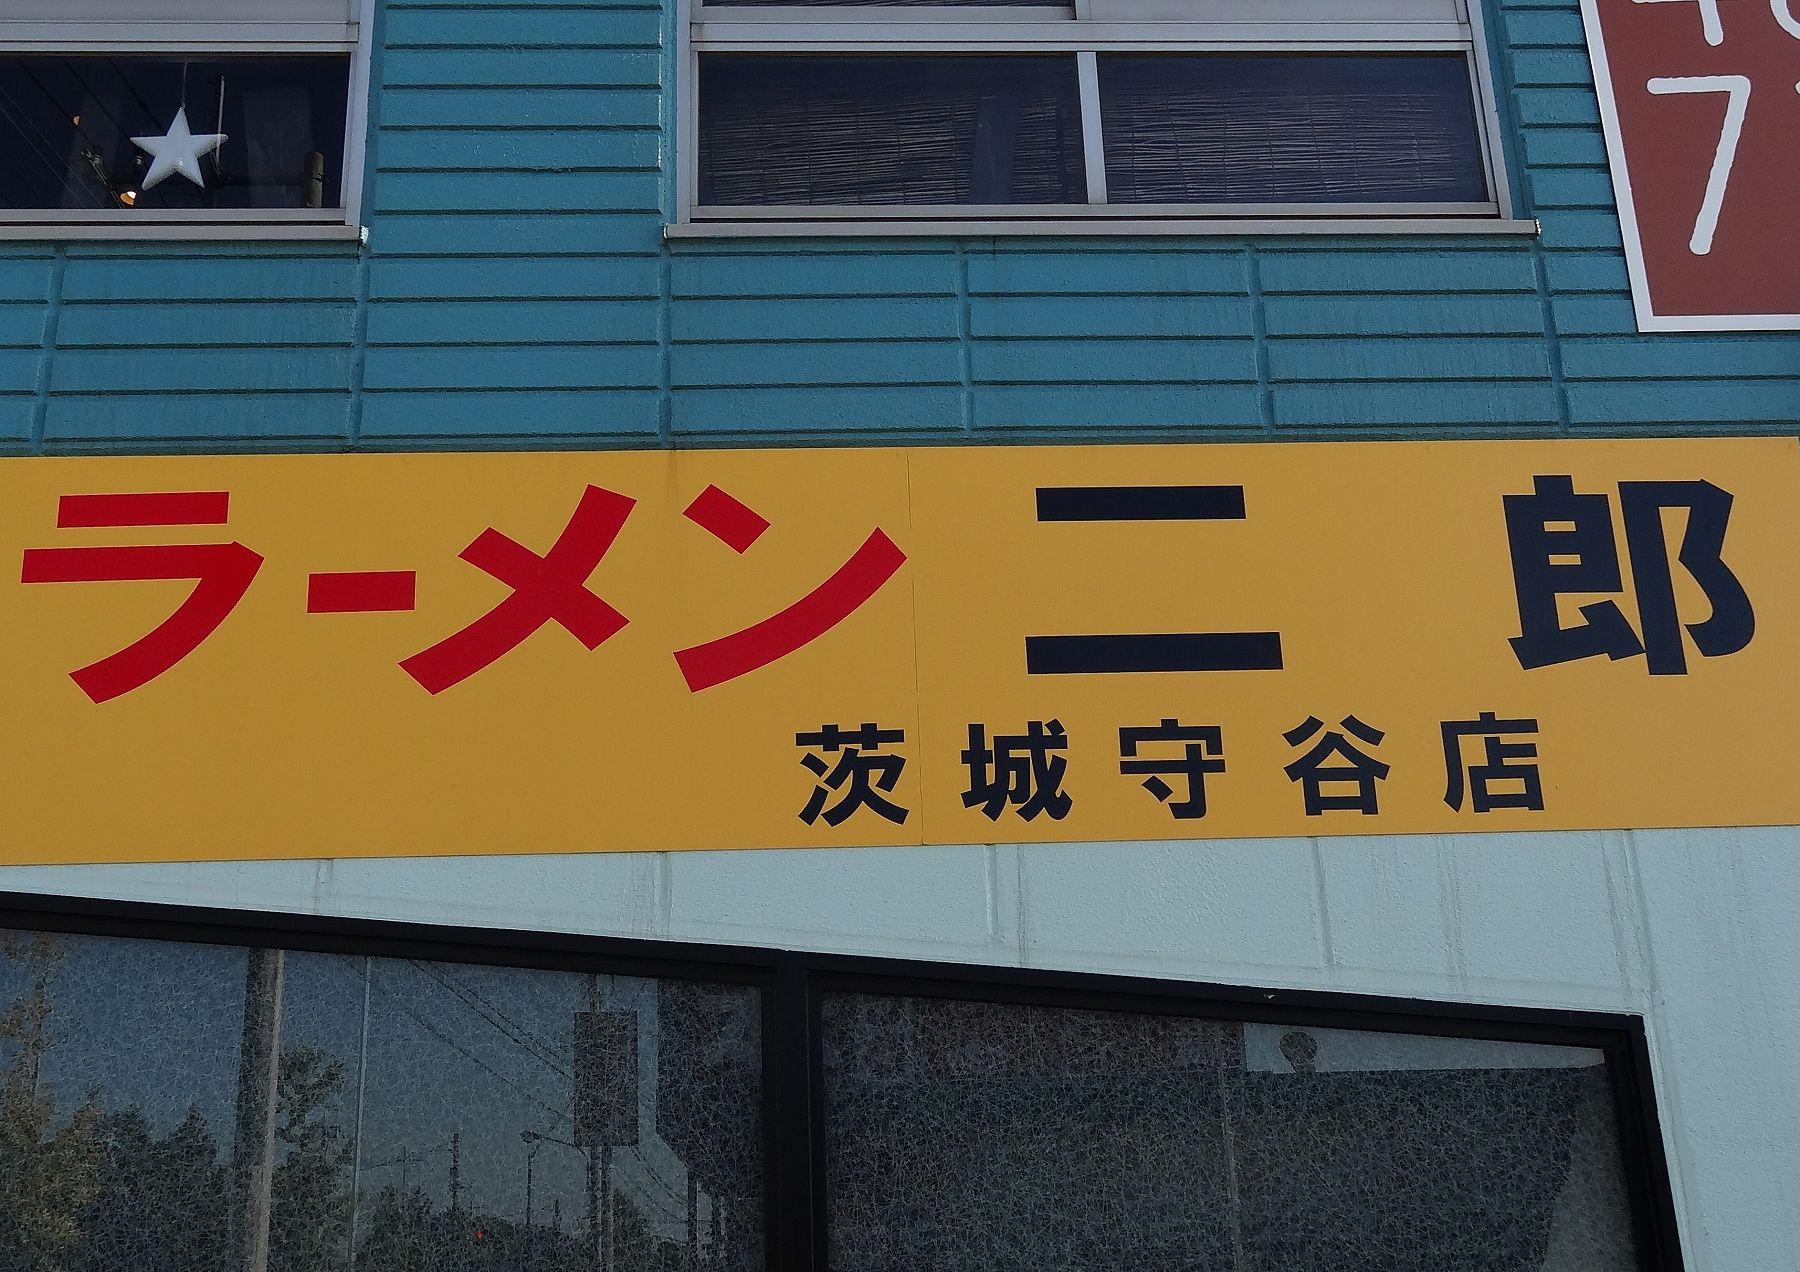 20121104007moriya.jpg